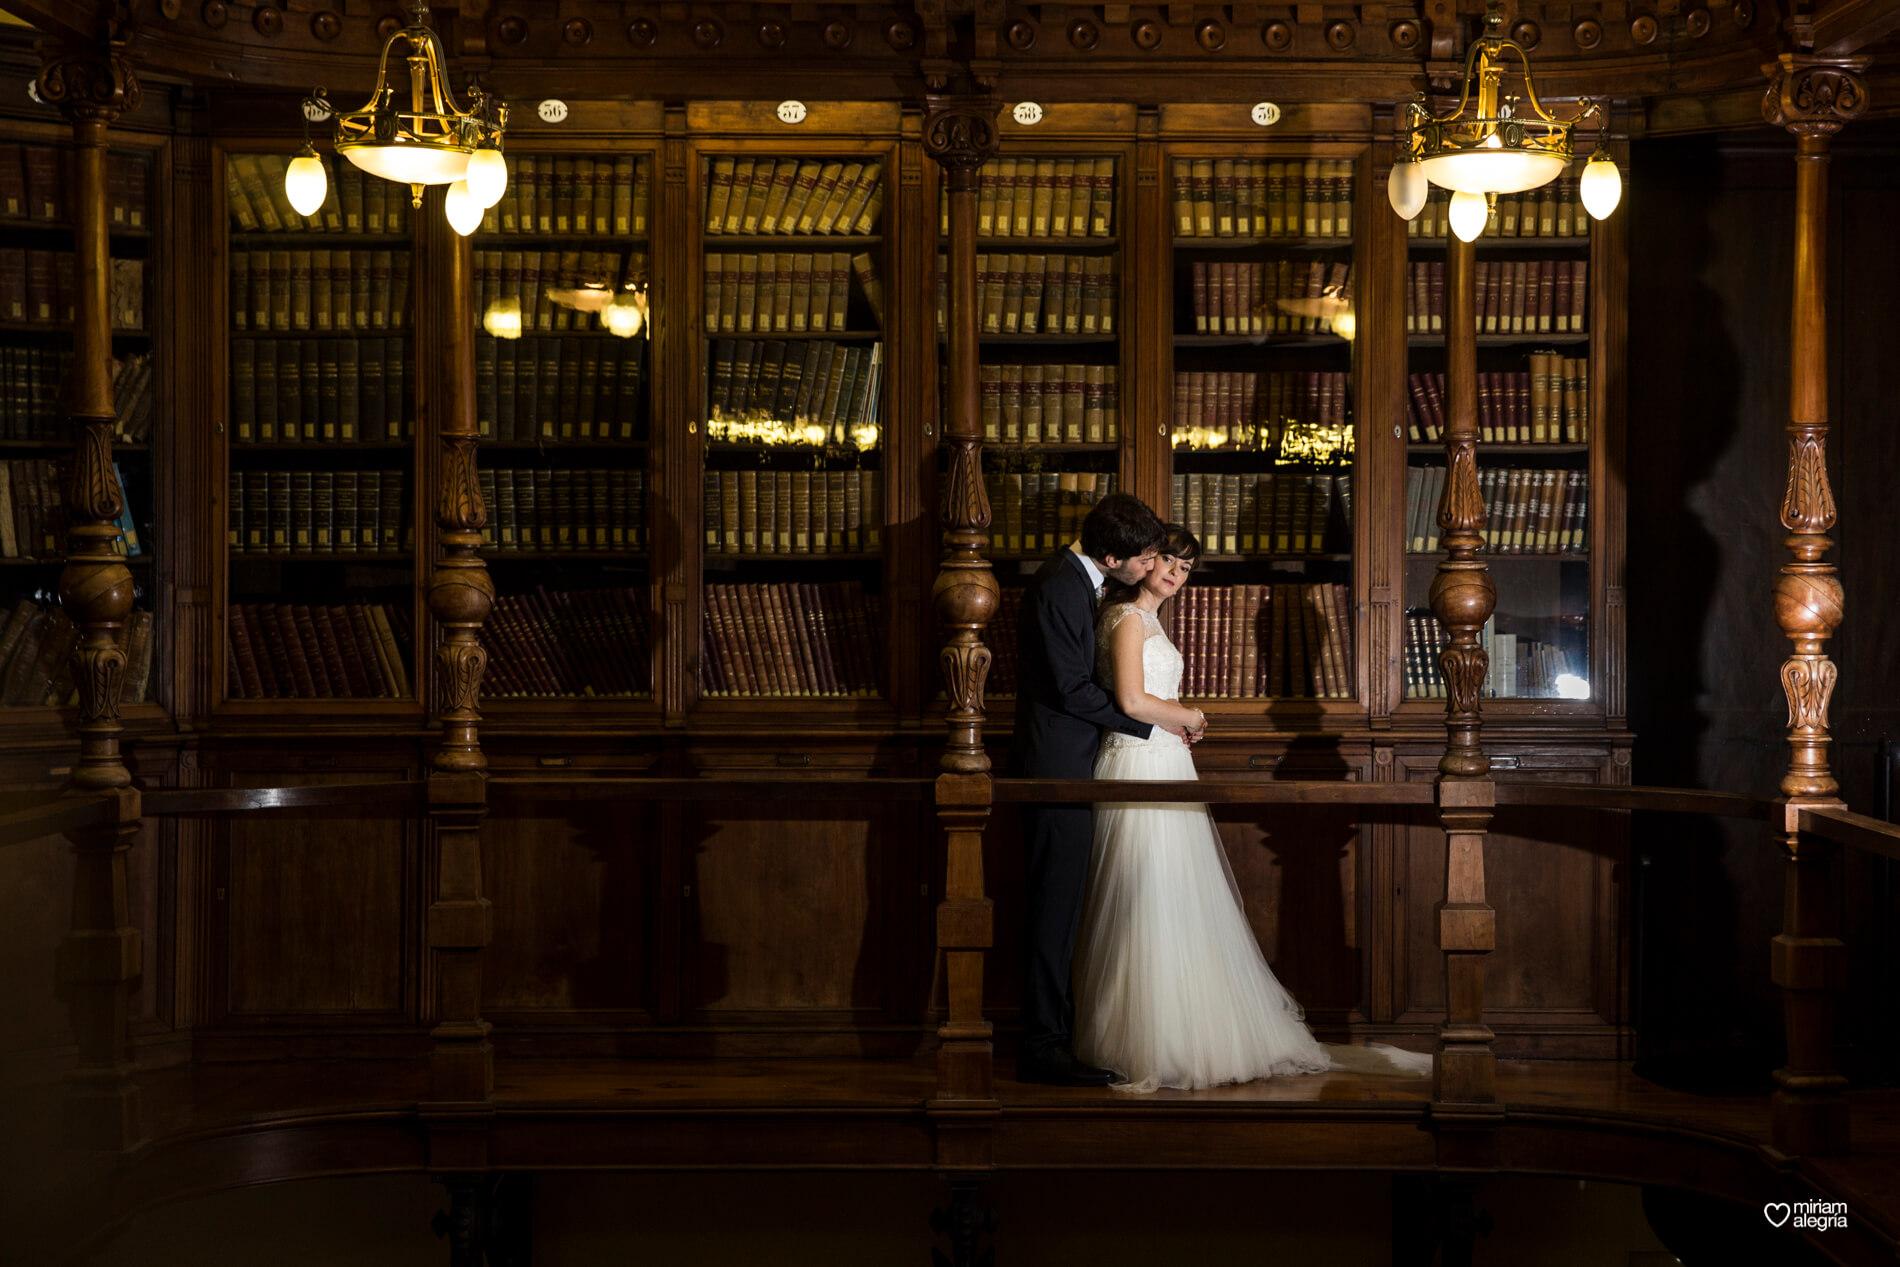 boda-civil-en-el-casino-de-murcia-miriam-alegria-fotografos-de-boda-40